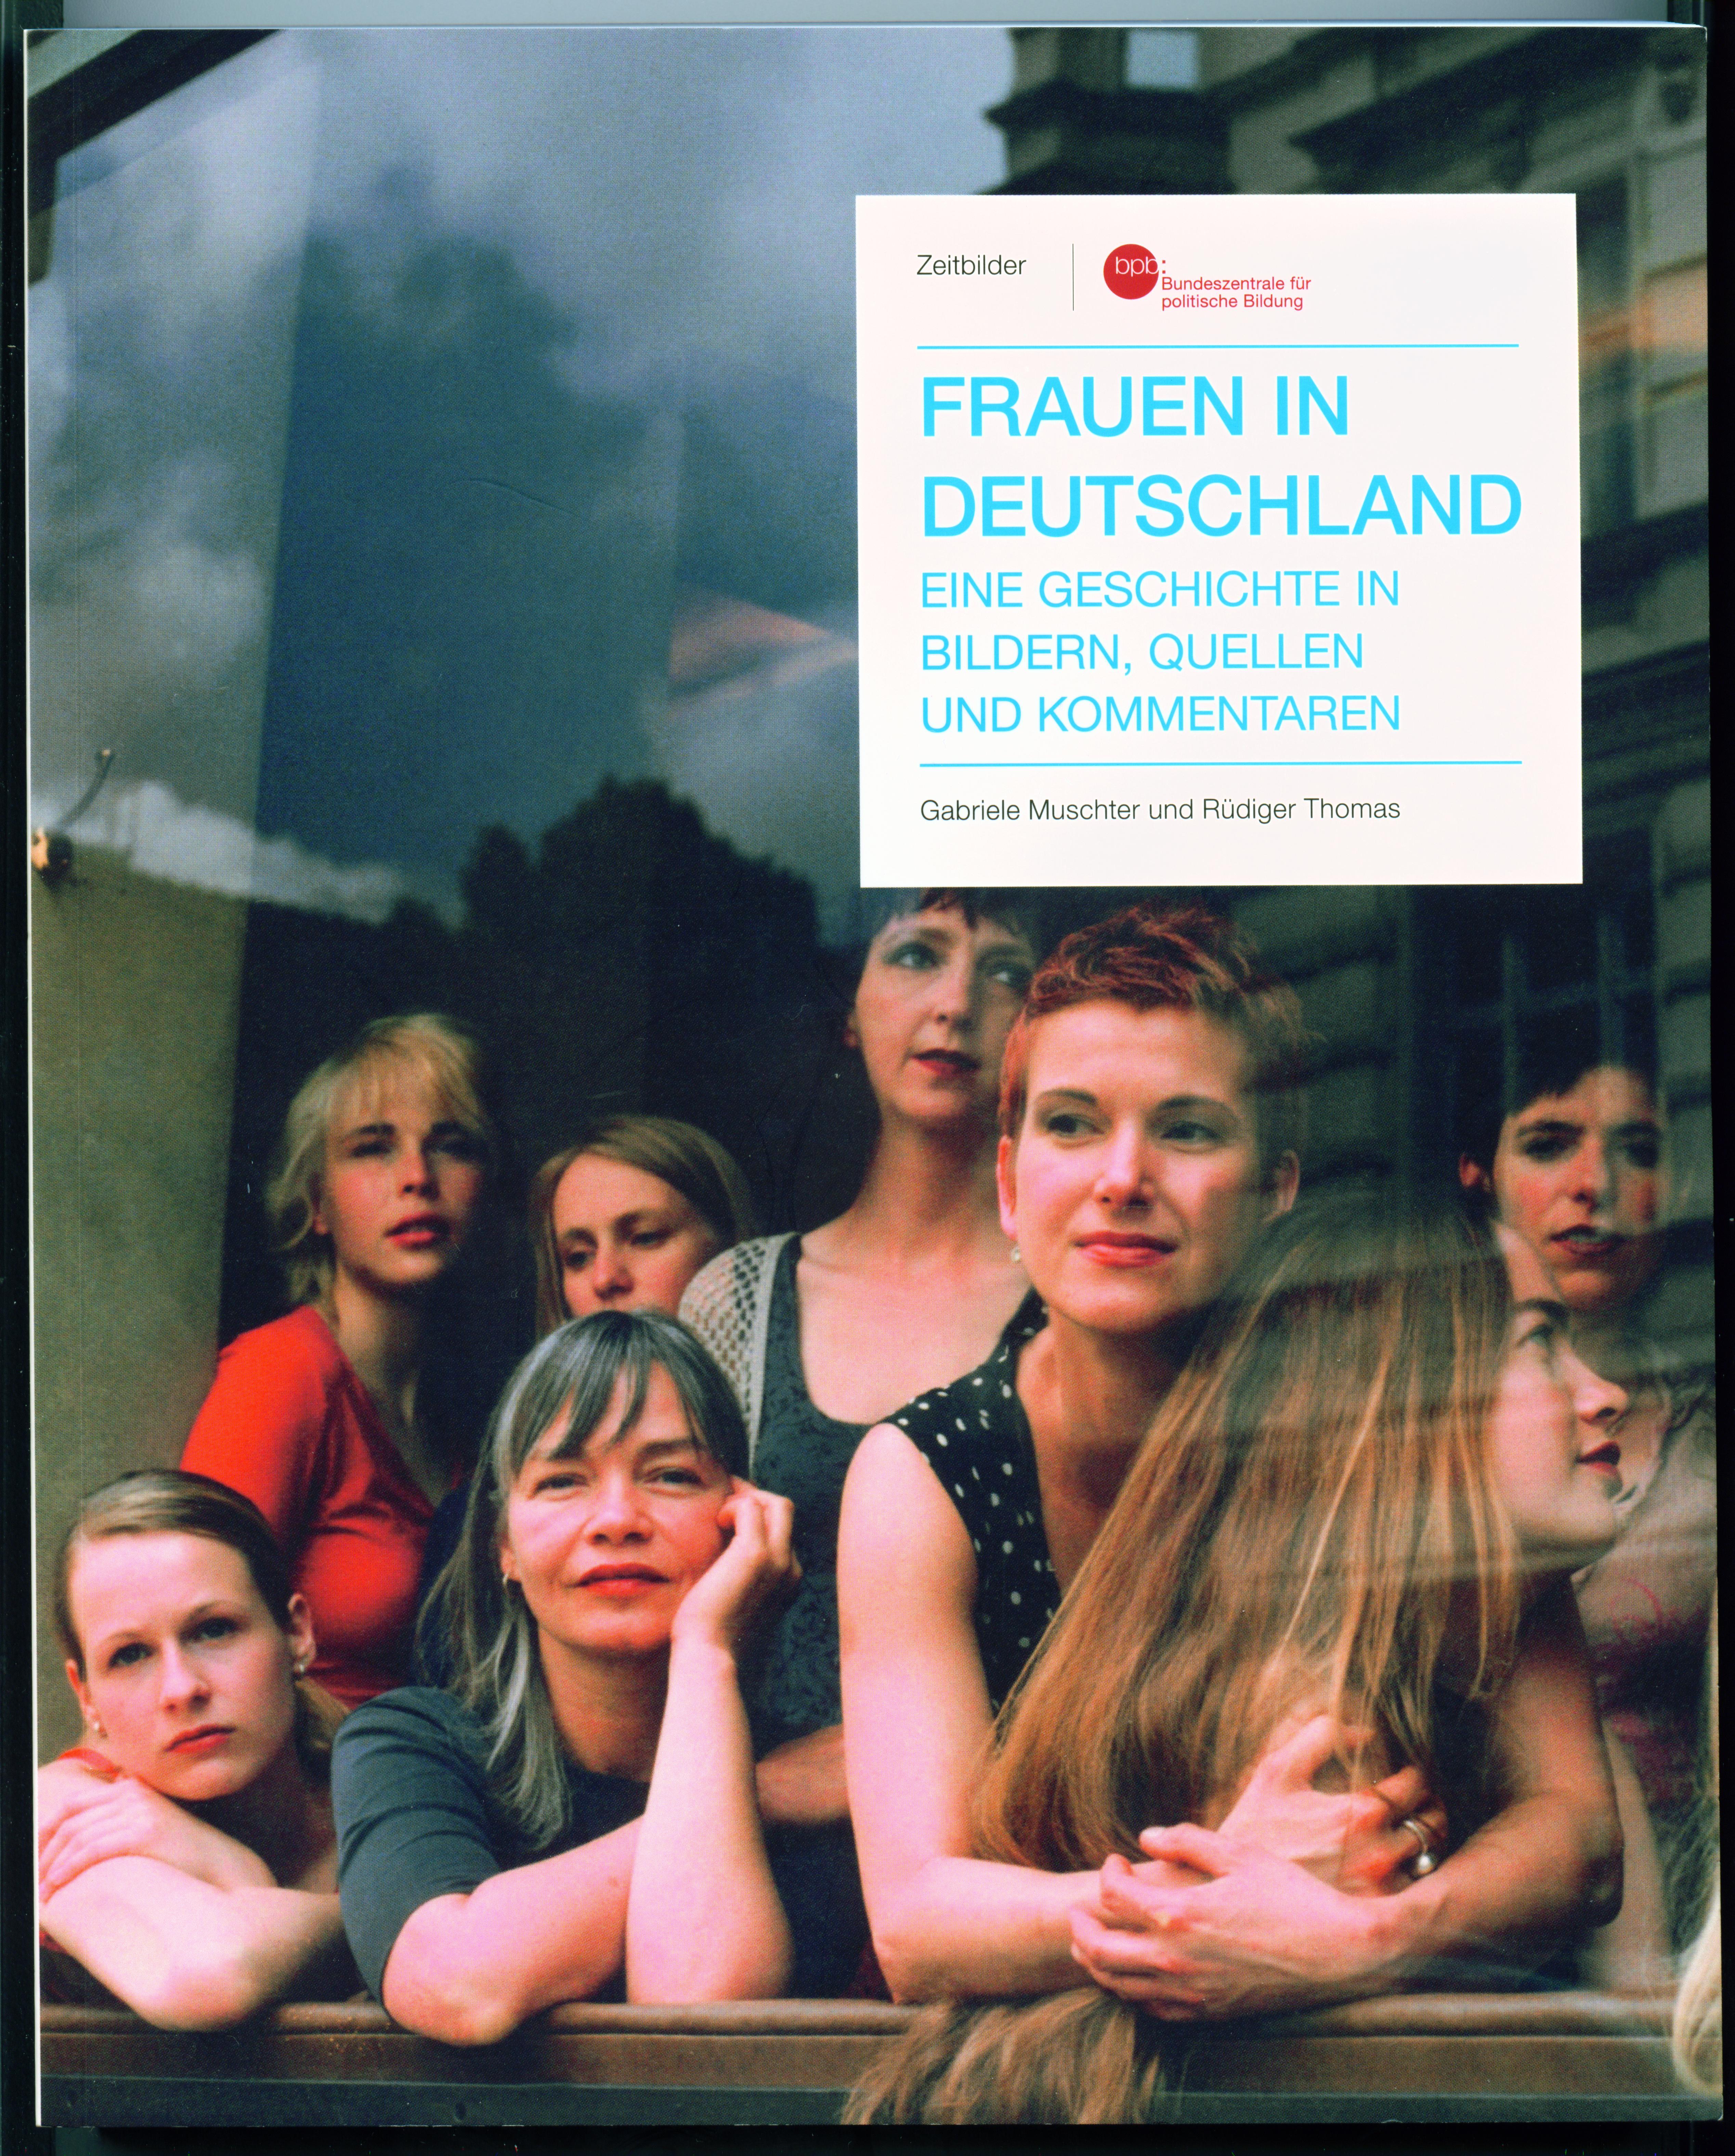 Single frauen in deutschland